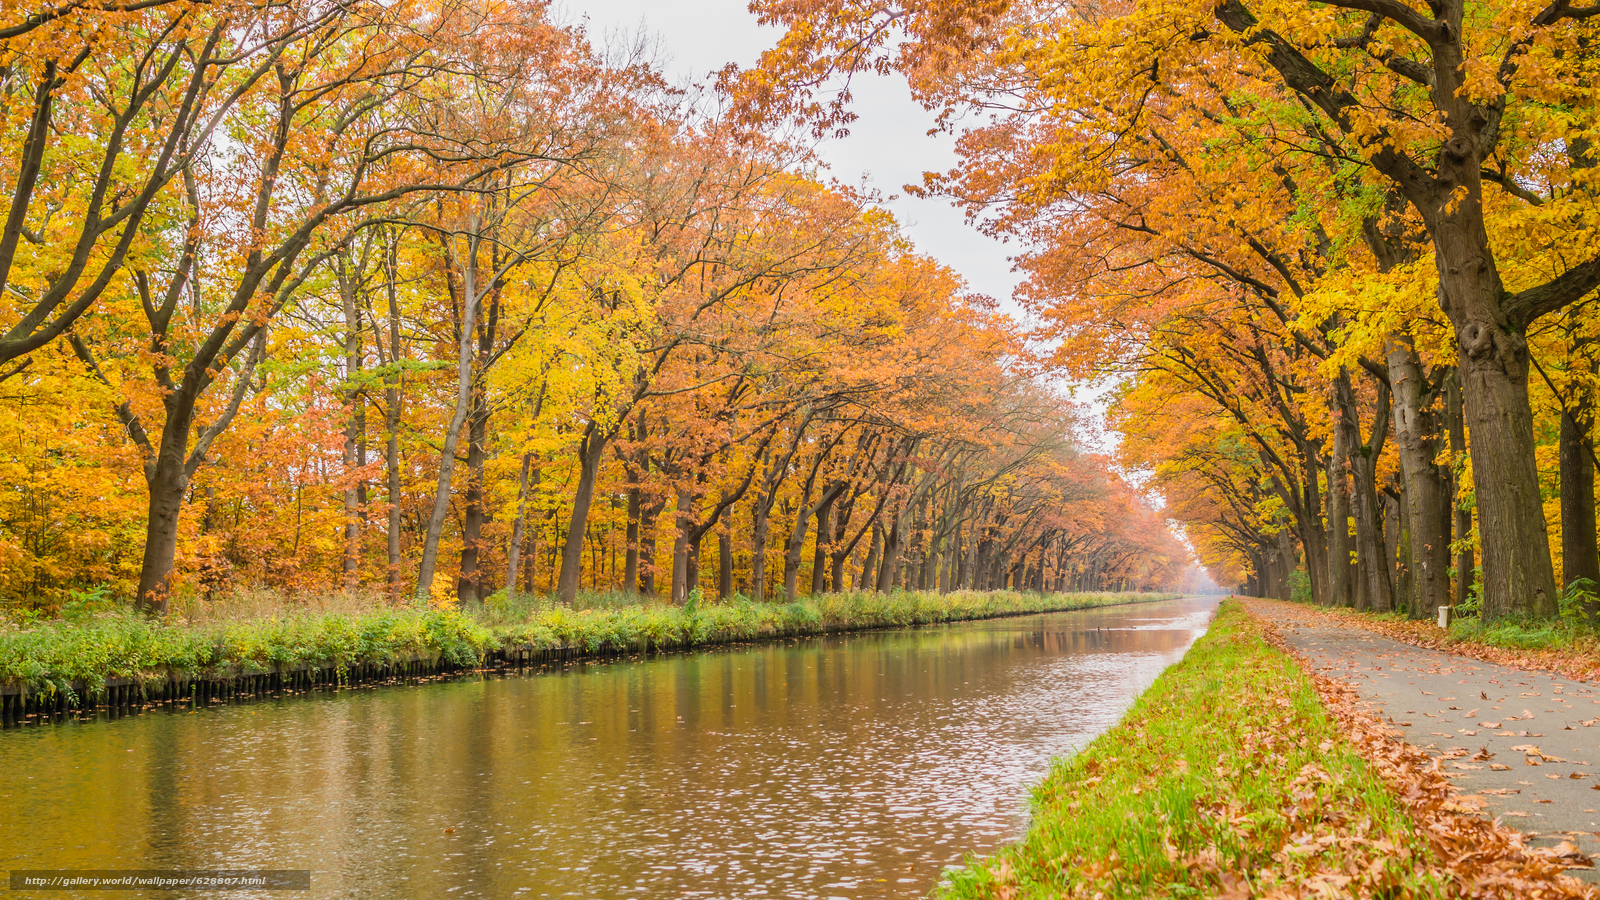 дорога, деревья, канал, пейзаж, осень